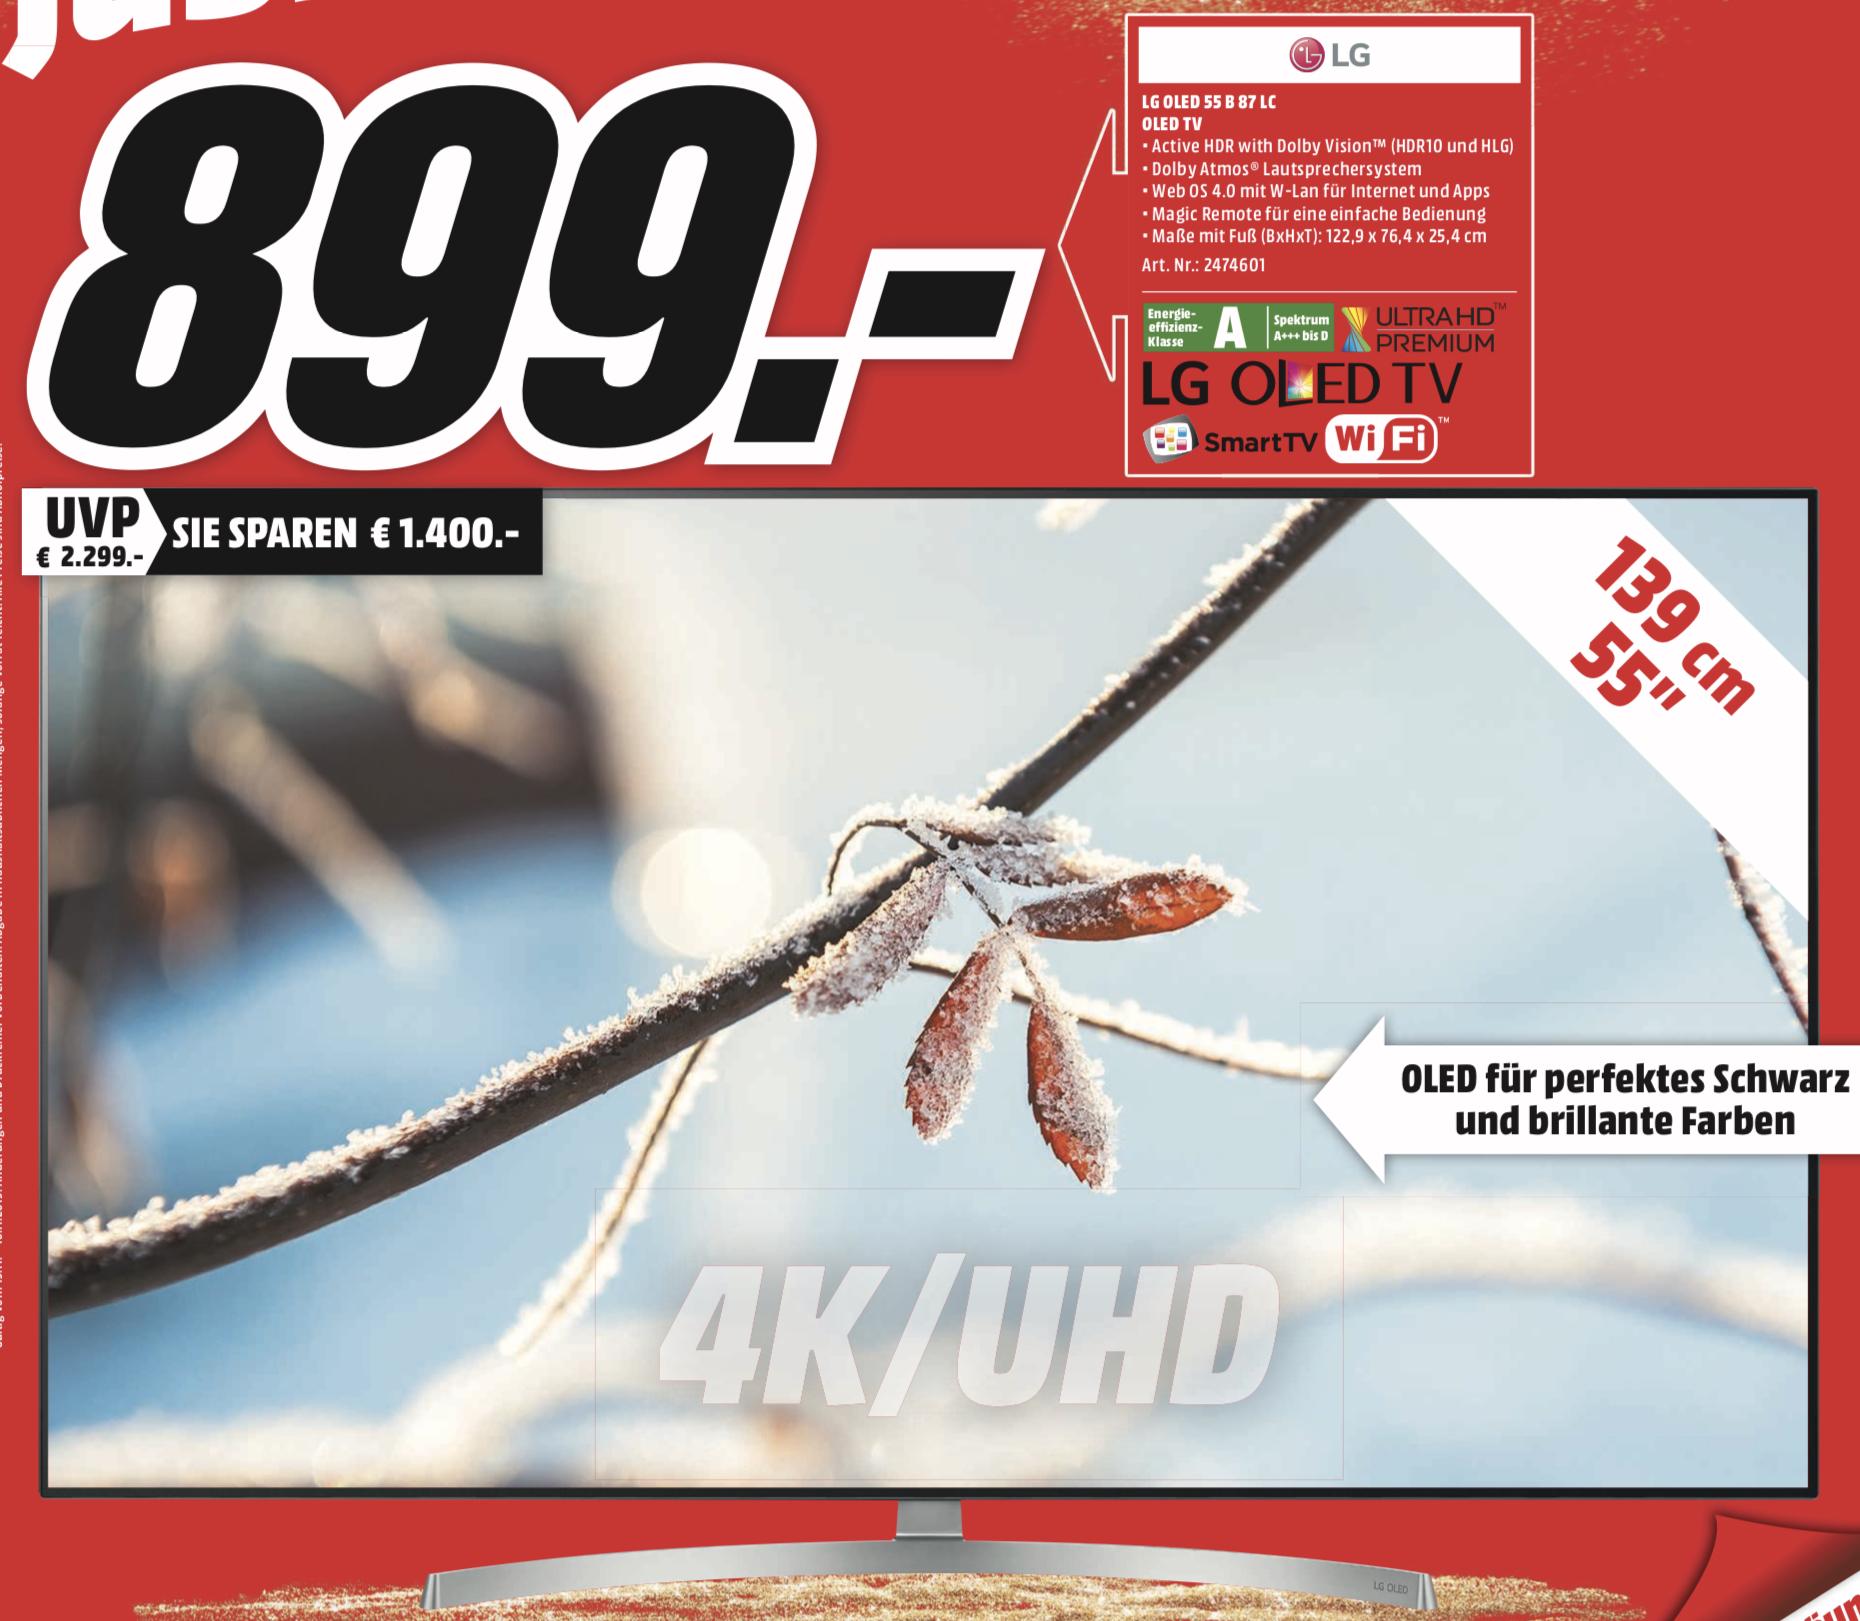 Lokal MM Hamburg: LG OLED55B87LC 139cm 4K UHD OLED TV für 899€